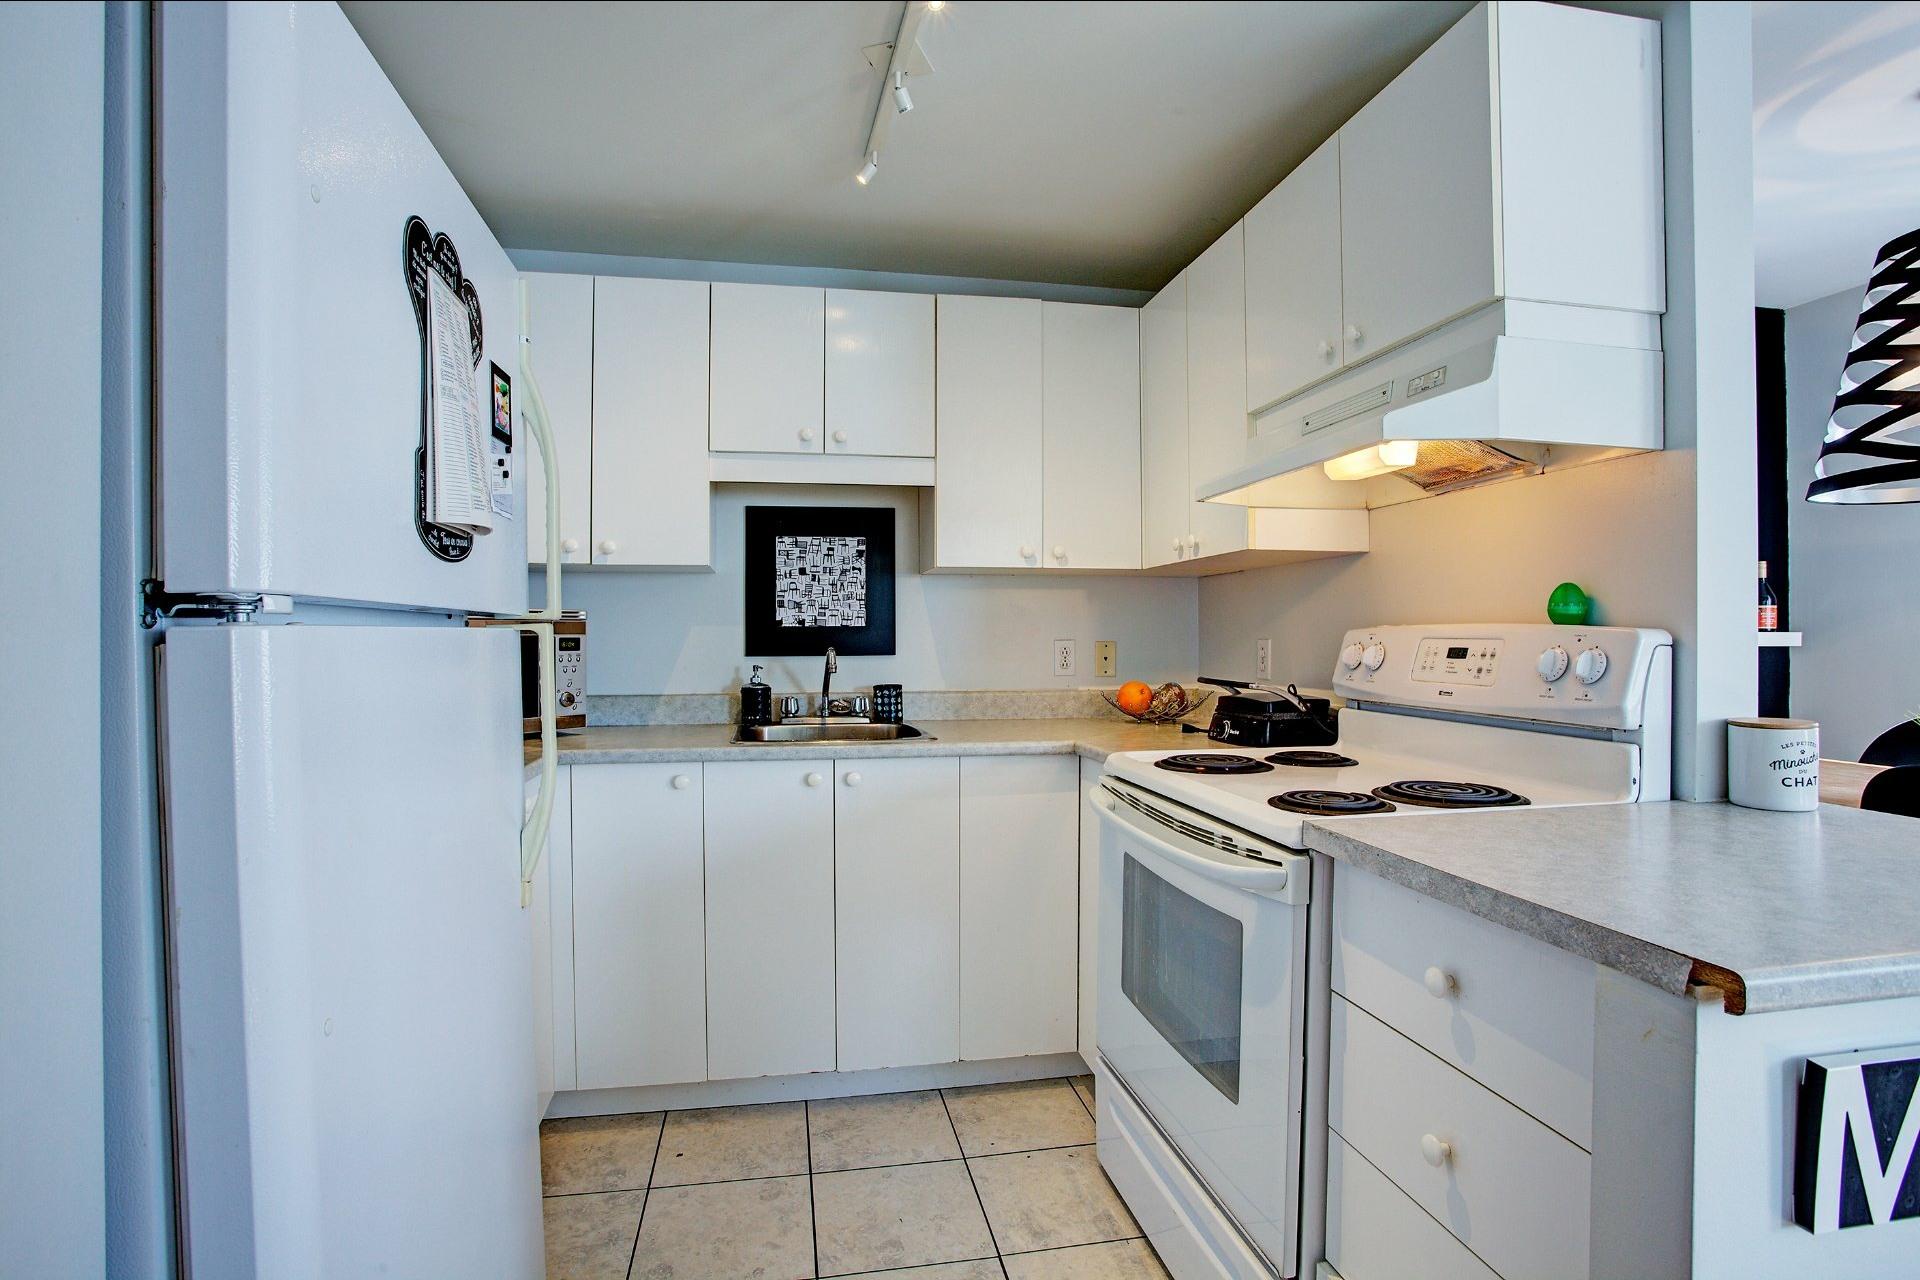 image 5 - Quintuplex For sale Le Sud-Ouest Montréal  - 3 rooms